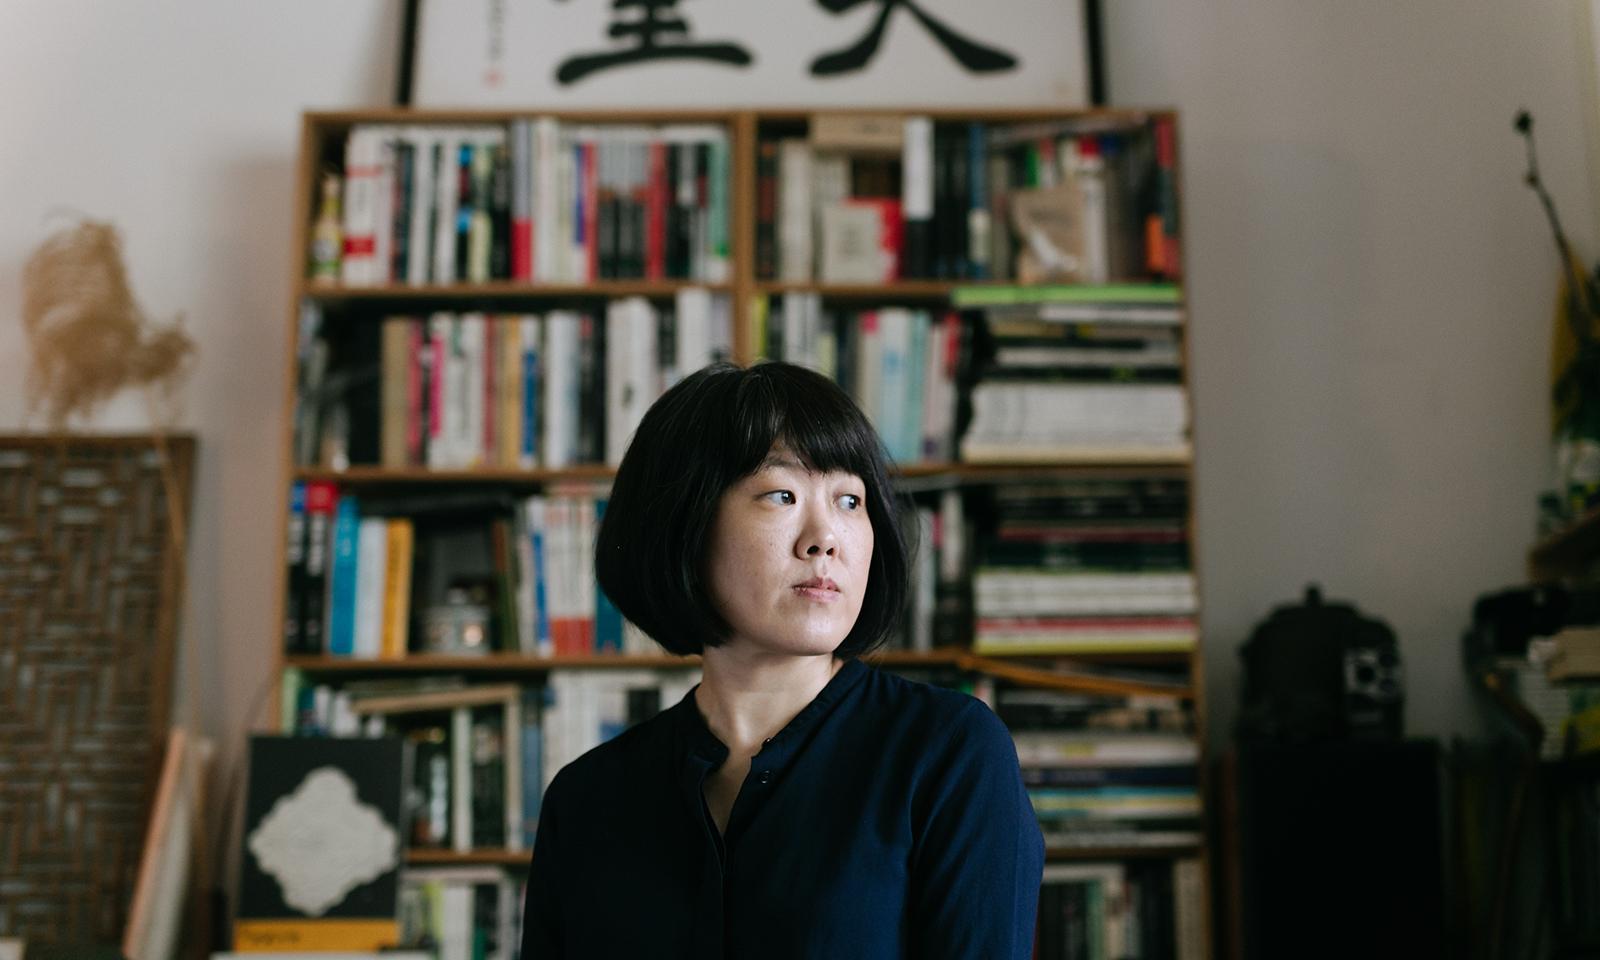 療癒自己的路上,會有「老師」嗎——專訪陳芯宜《四樓的天堂》